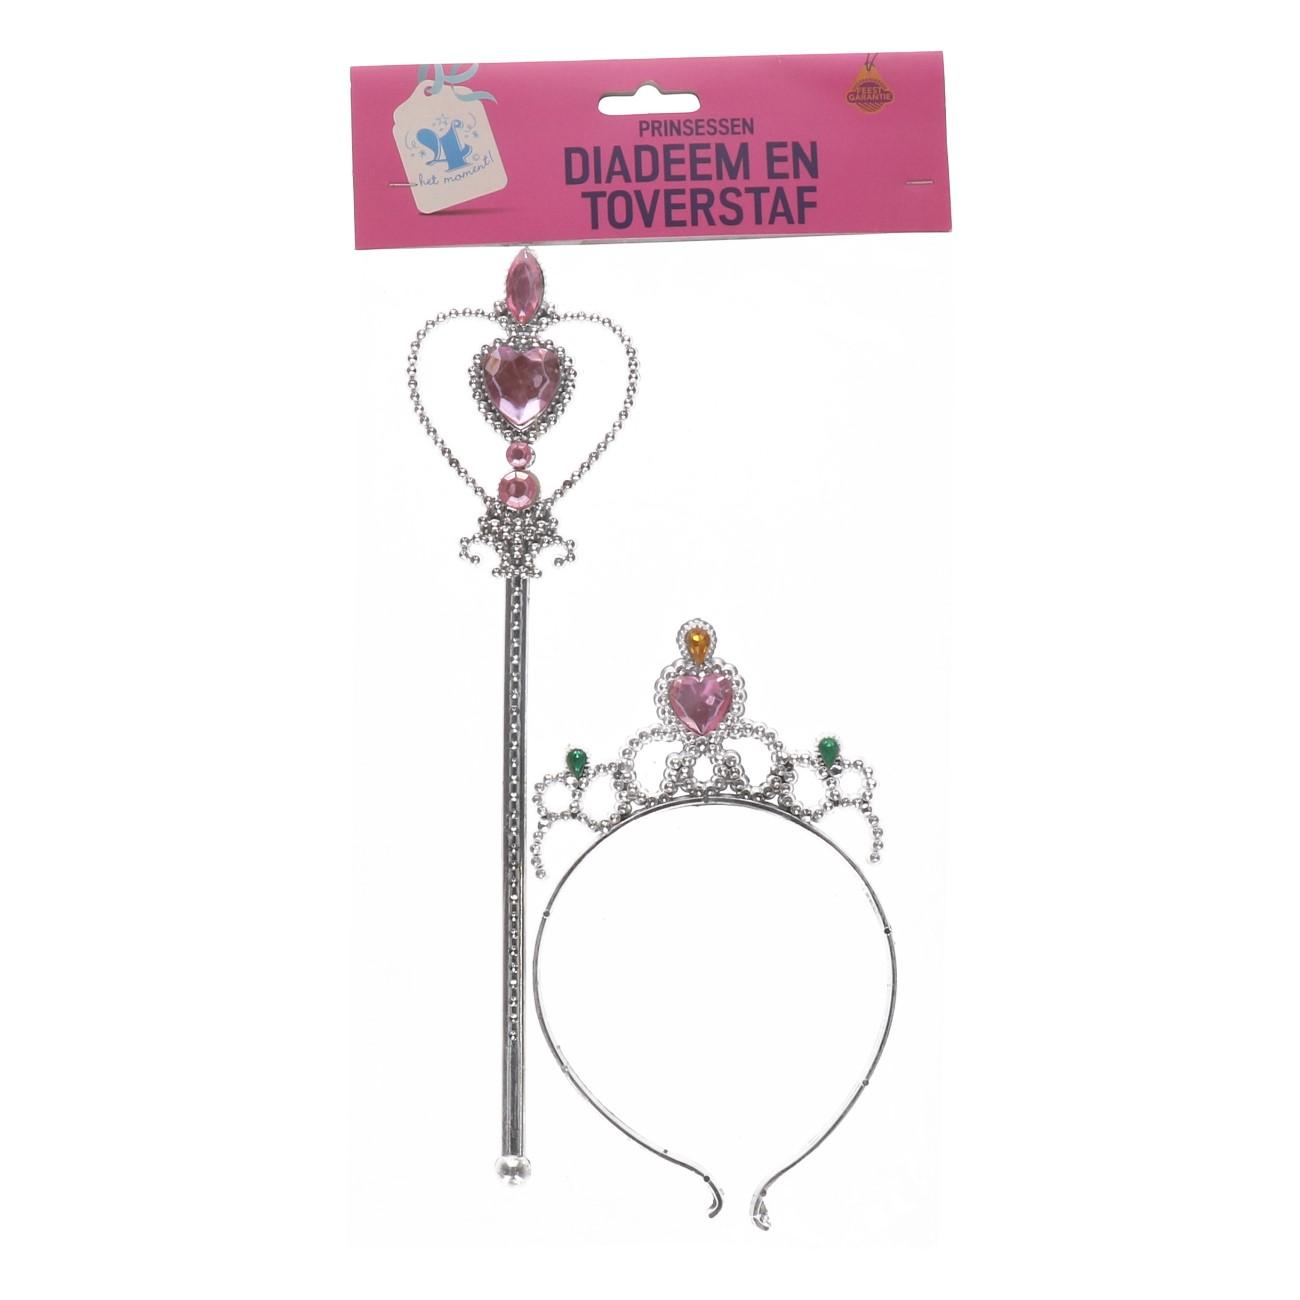 Diadeem en toverstaf voor princessen